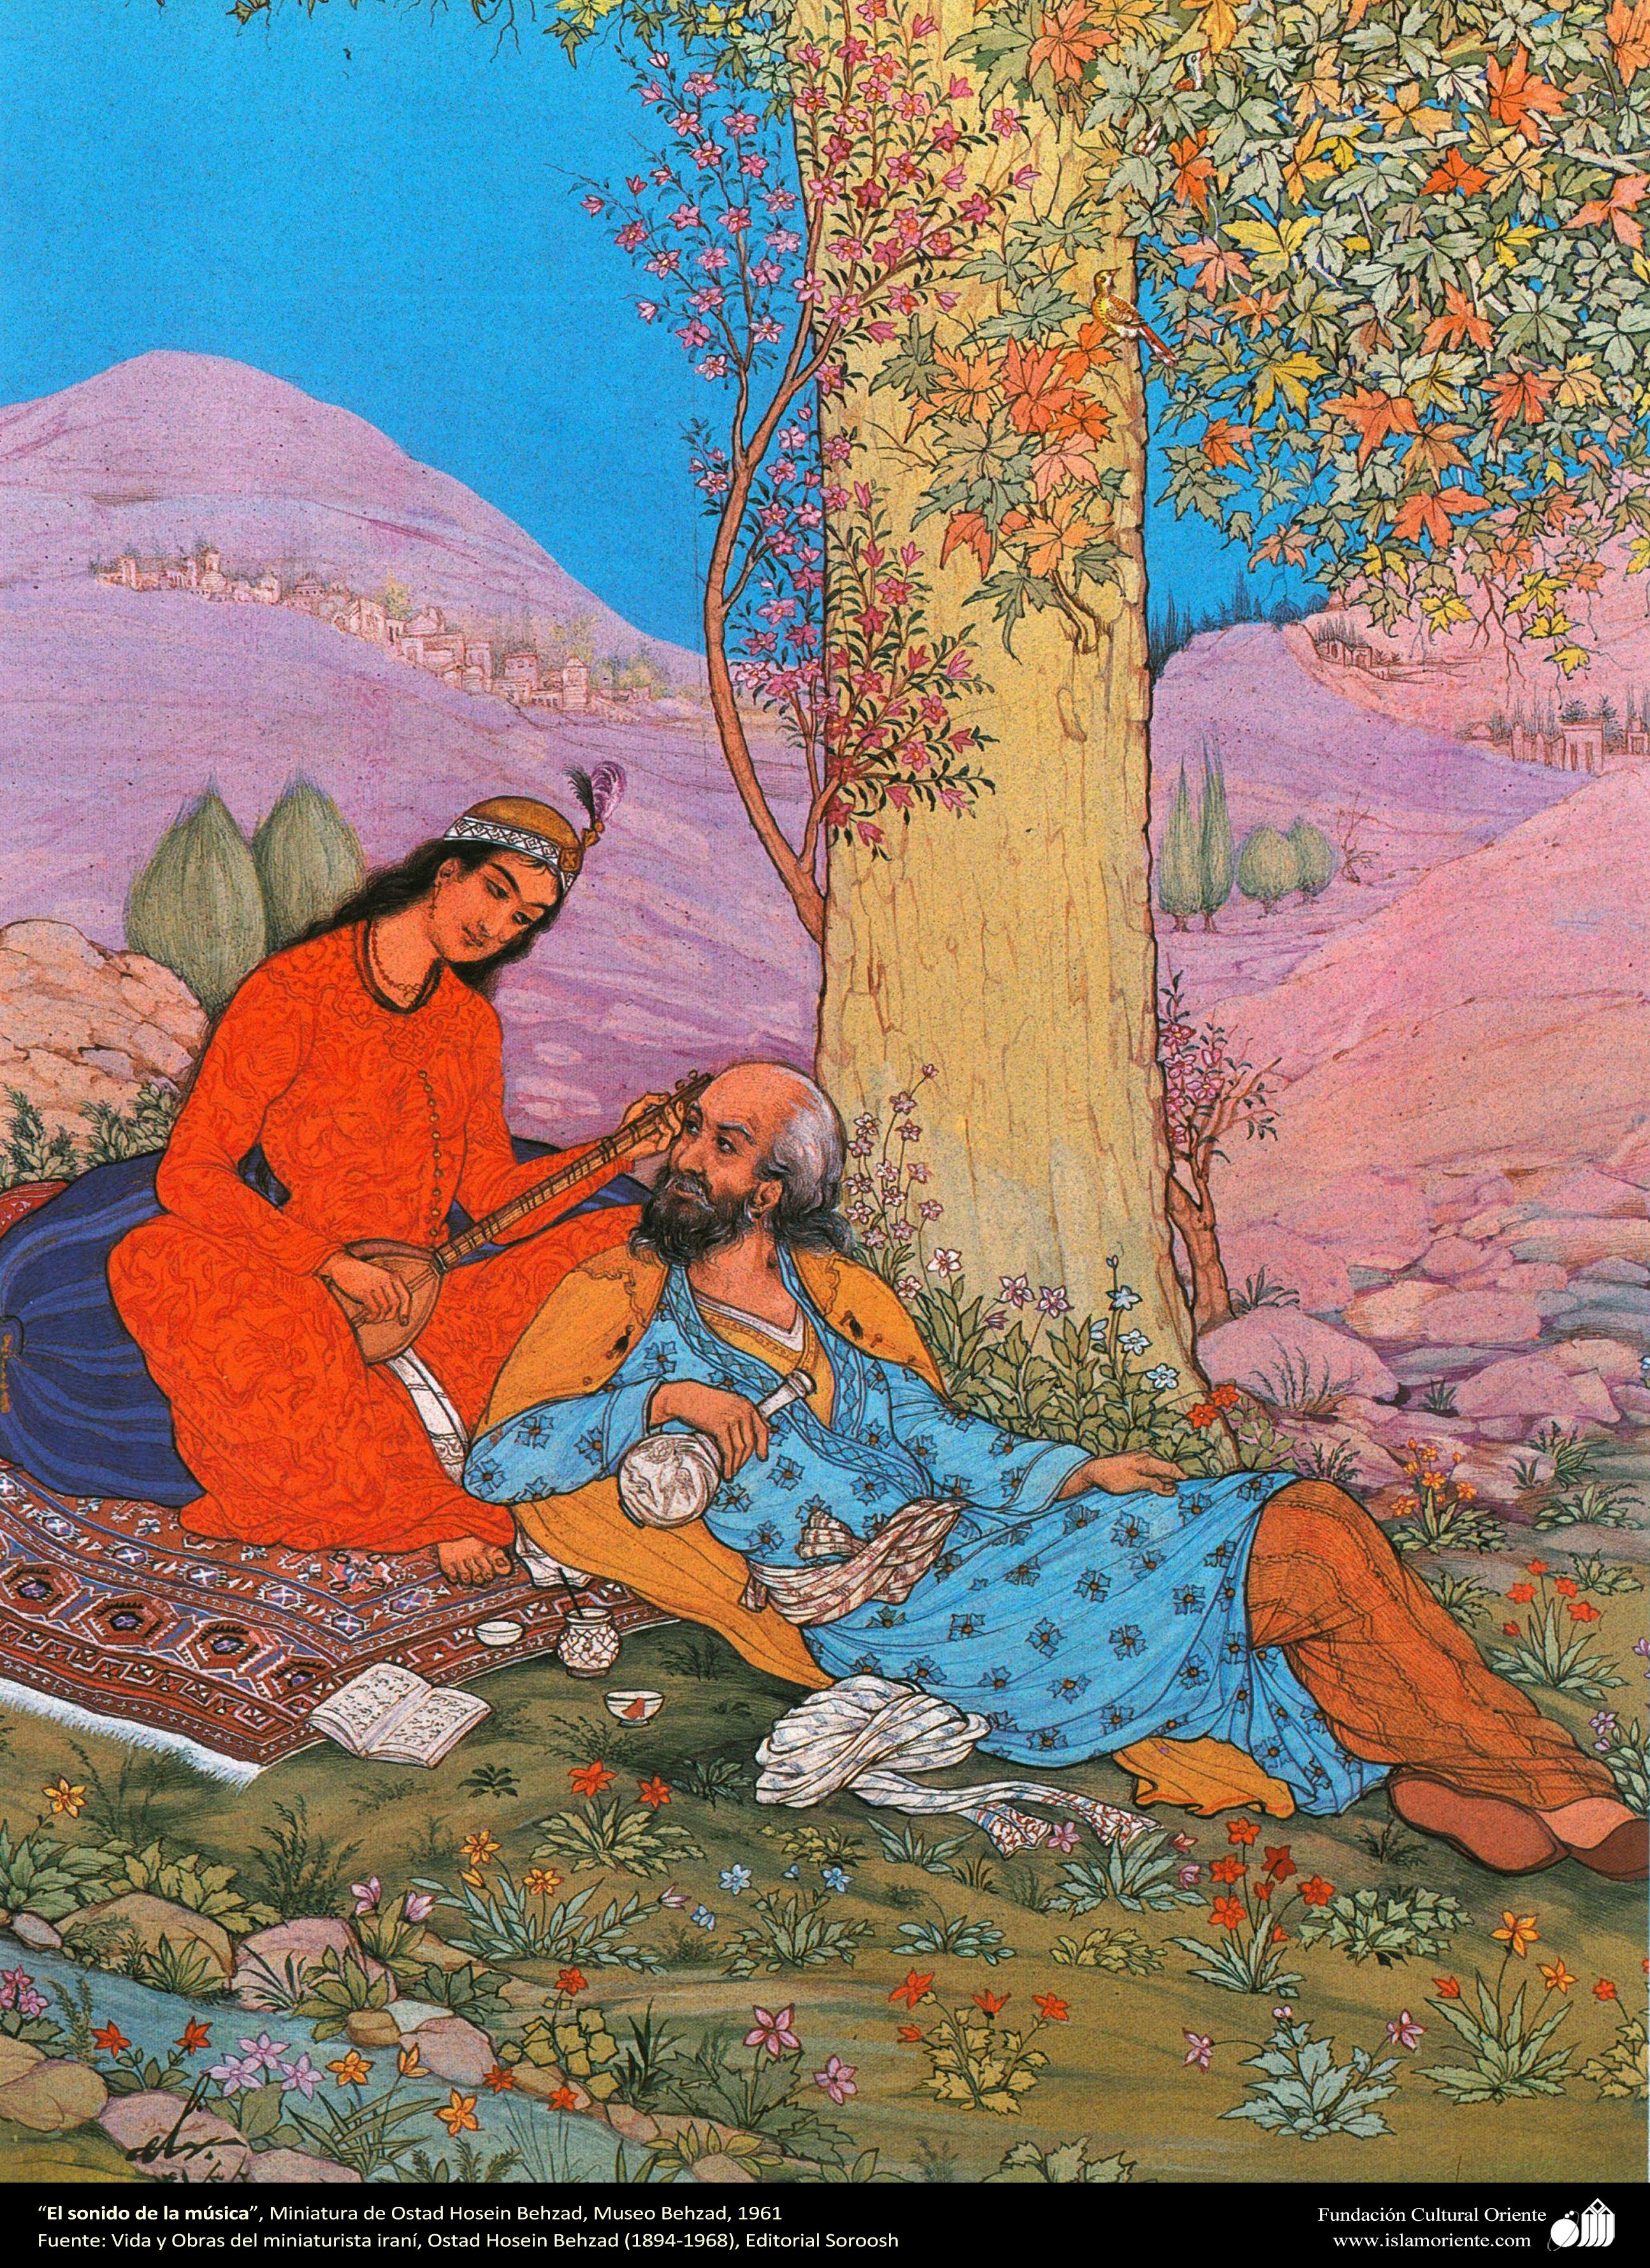 نقاشی مکه هنر اسلامی، شاهکار مینیاتور فارسی، صدای موسیقی، اثر استاد ...